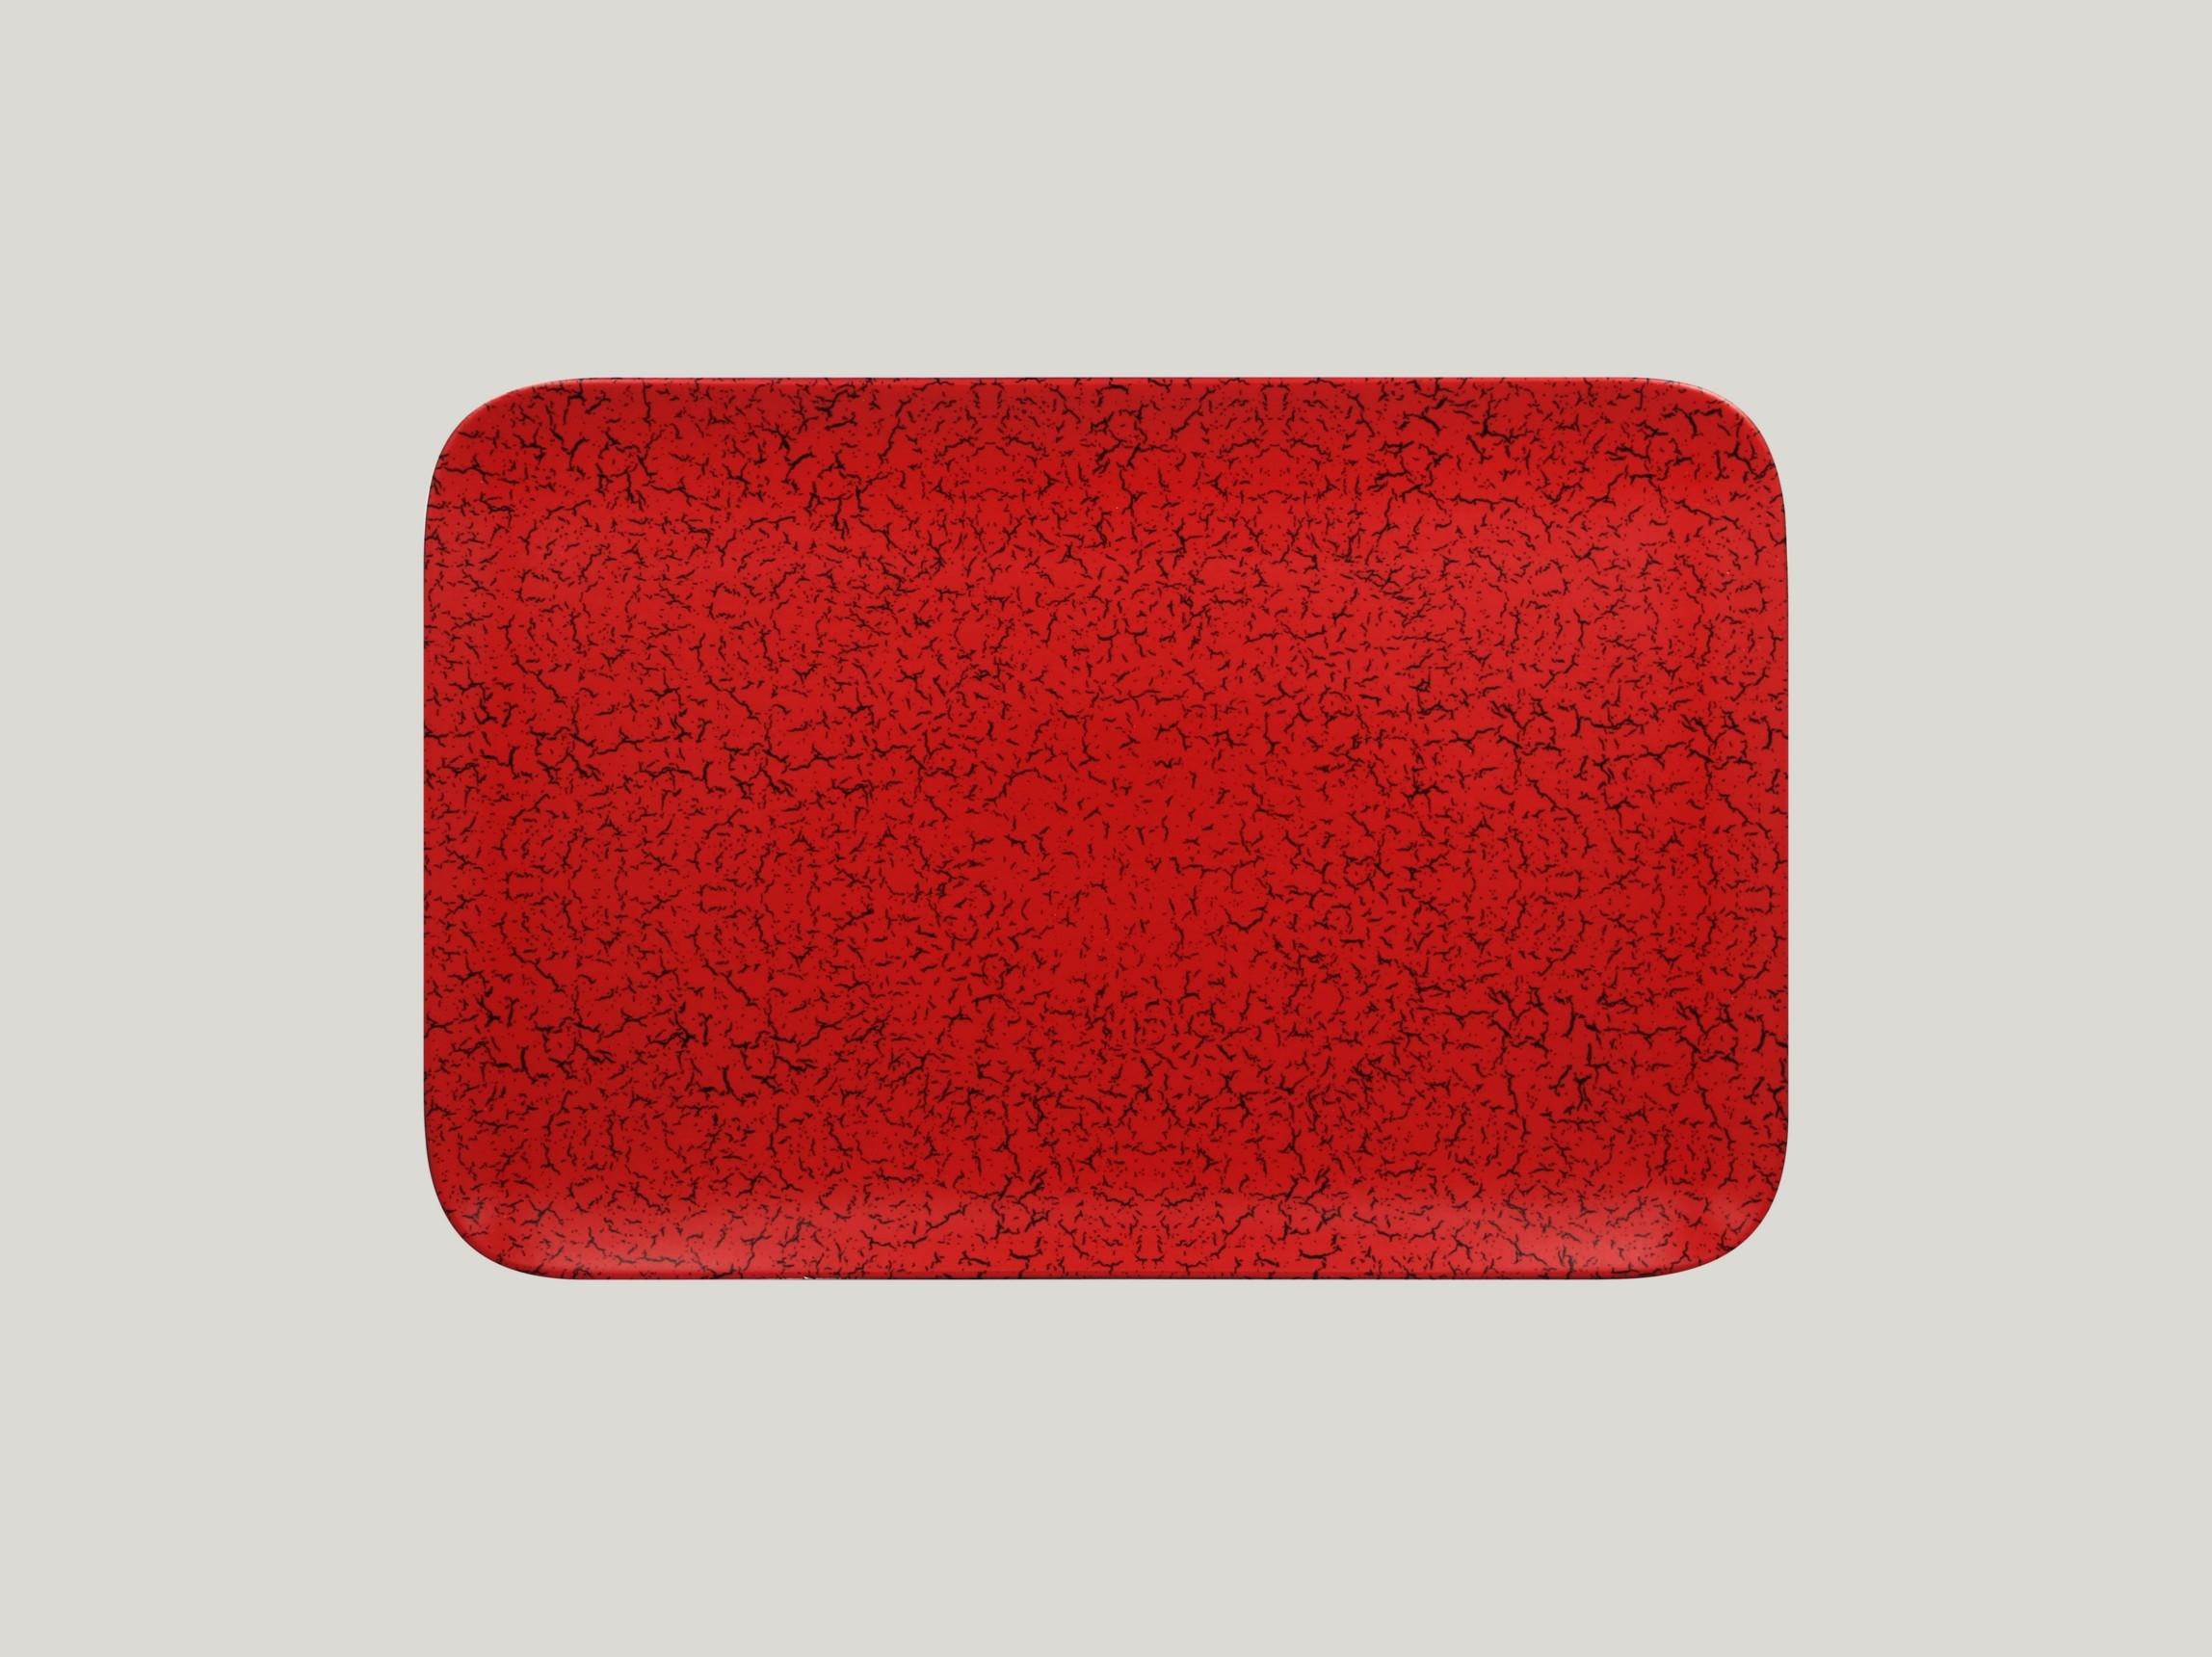 Talíř obdélníkový 33 x 22 cm - červená